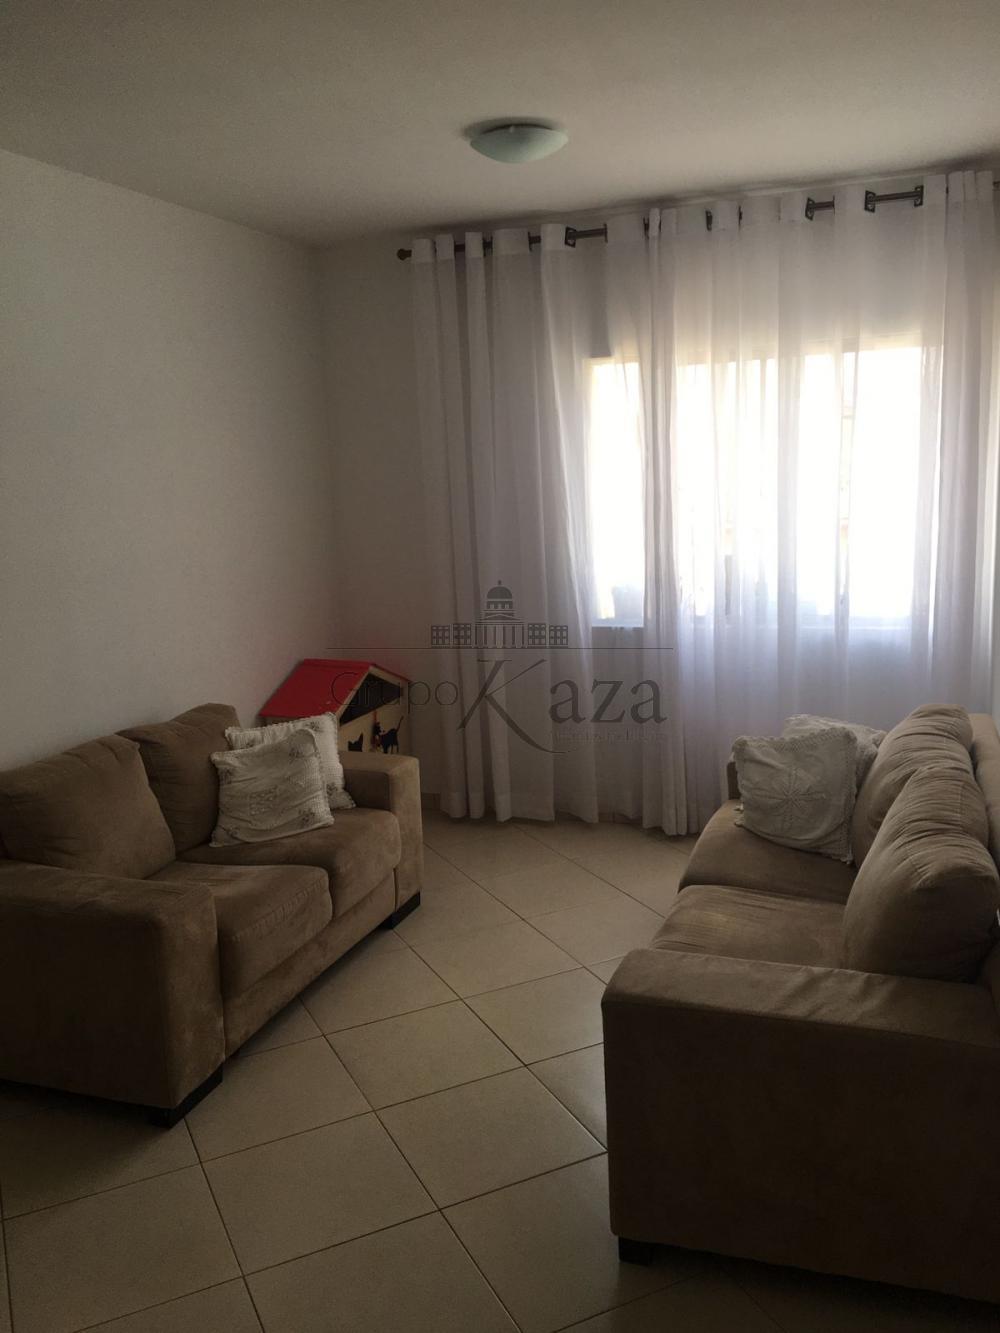 alt='Comprar Apartamento / Padrão em São José dos Campos R$ 300.000,00 - Foto 1' title='Comprar Apartamento / Padrão em São José dos Campos R$ 300.000,00 - Foto 1'